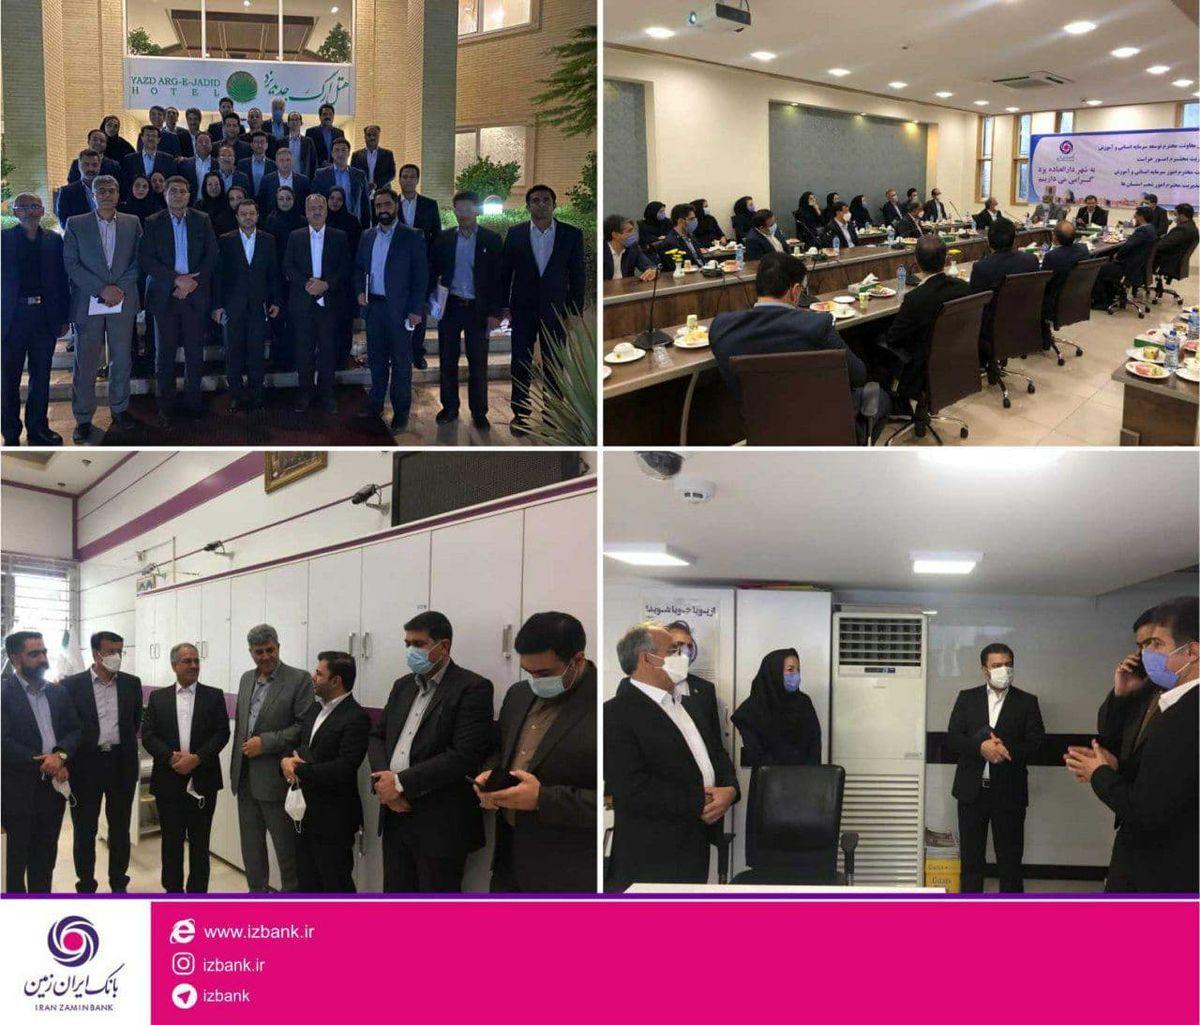 بازدید معاون توسعه سرمایه انسانی و پشتیبانی از مدیریت شعب استان یزد بانک ایران زمین